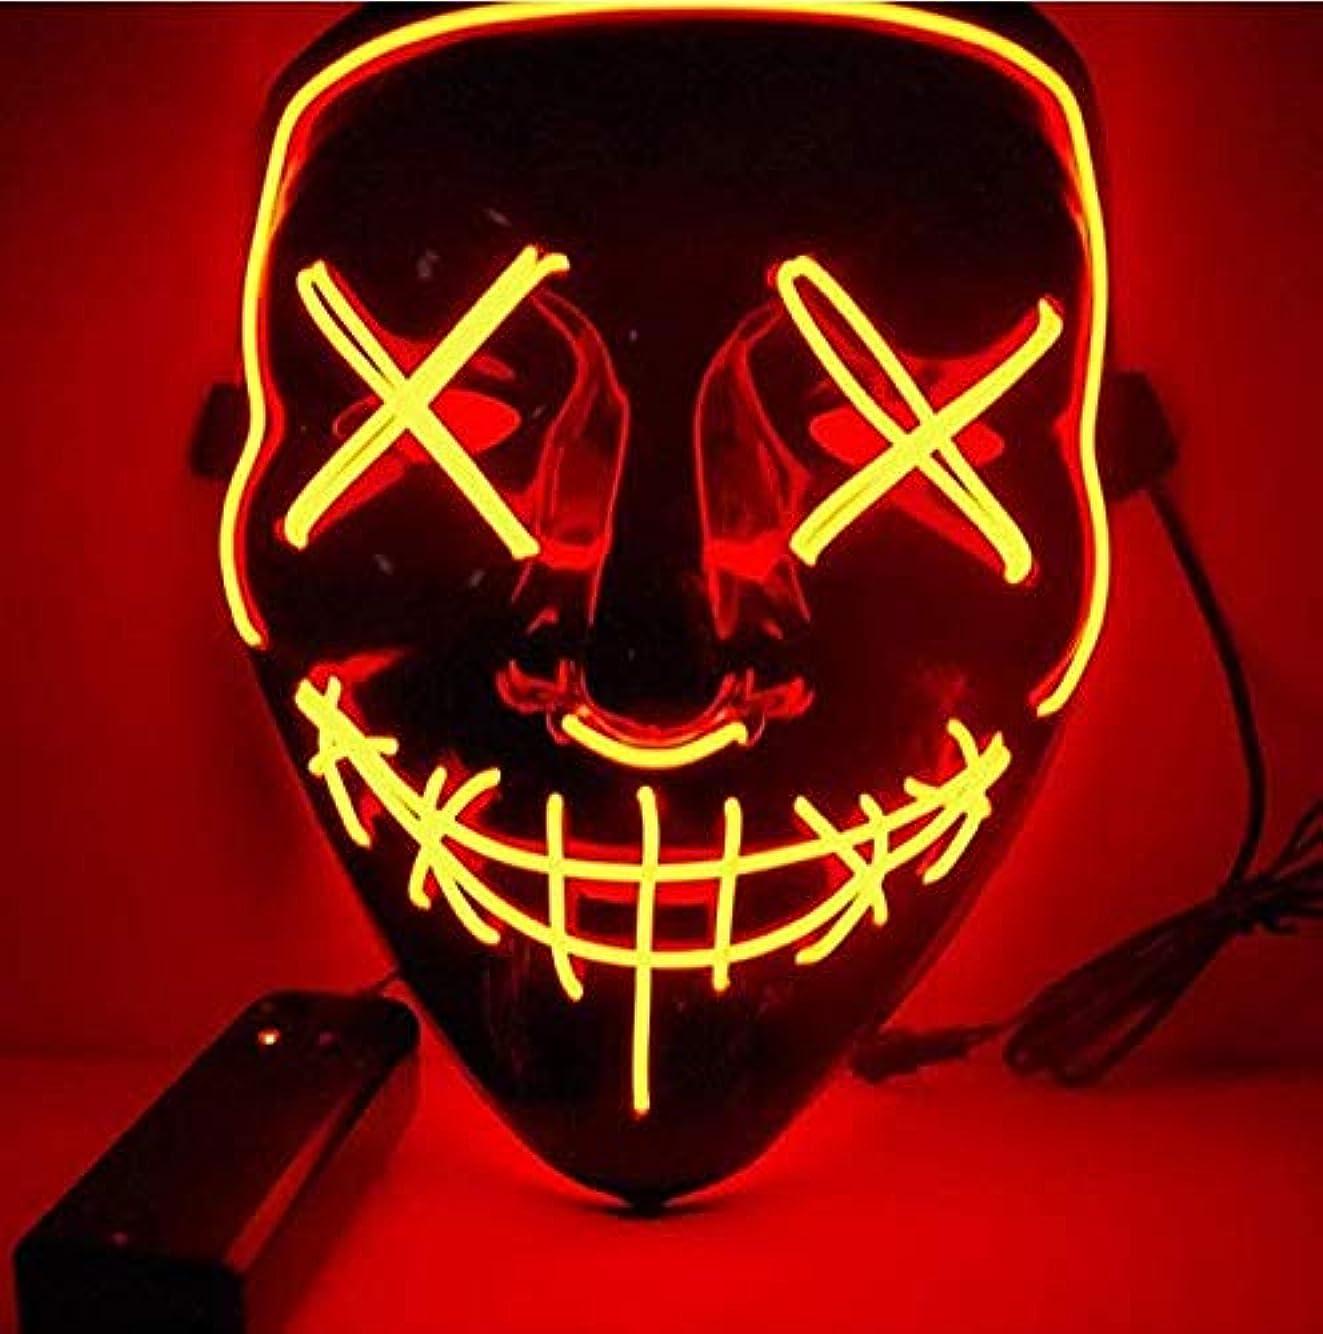 鋼考古学者誠実さハロウィンマスクLEDライトアップパーティーマスクコスプレコスチュームサプライ暗闇で光る (Color : YELLOW)